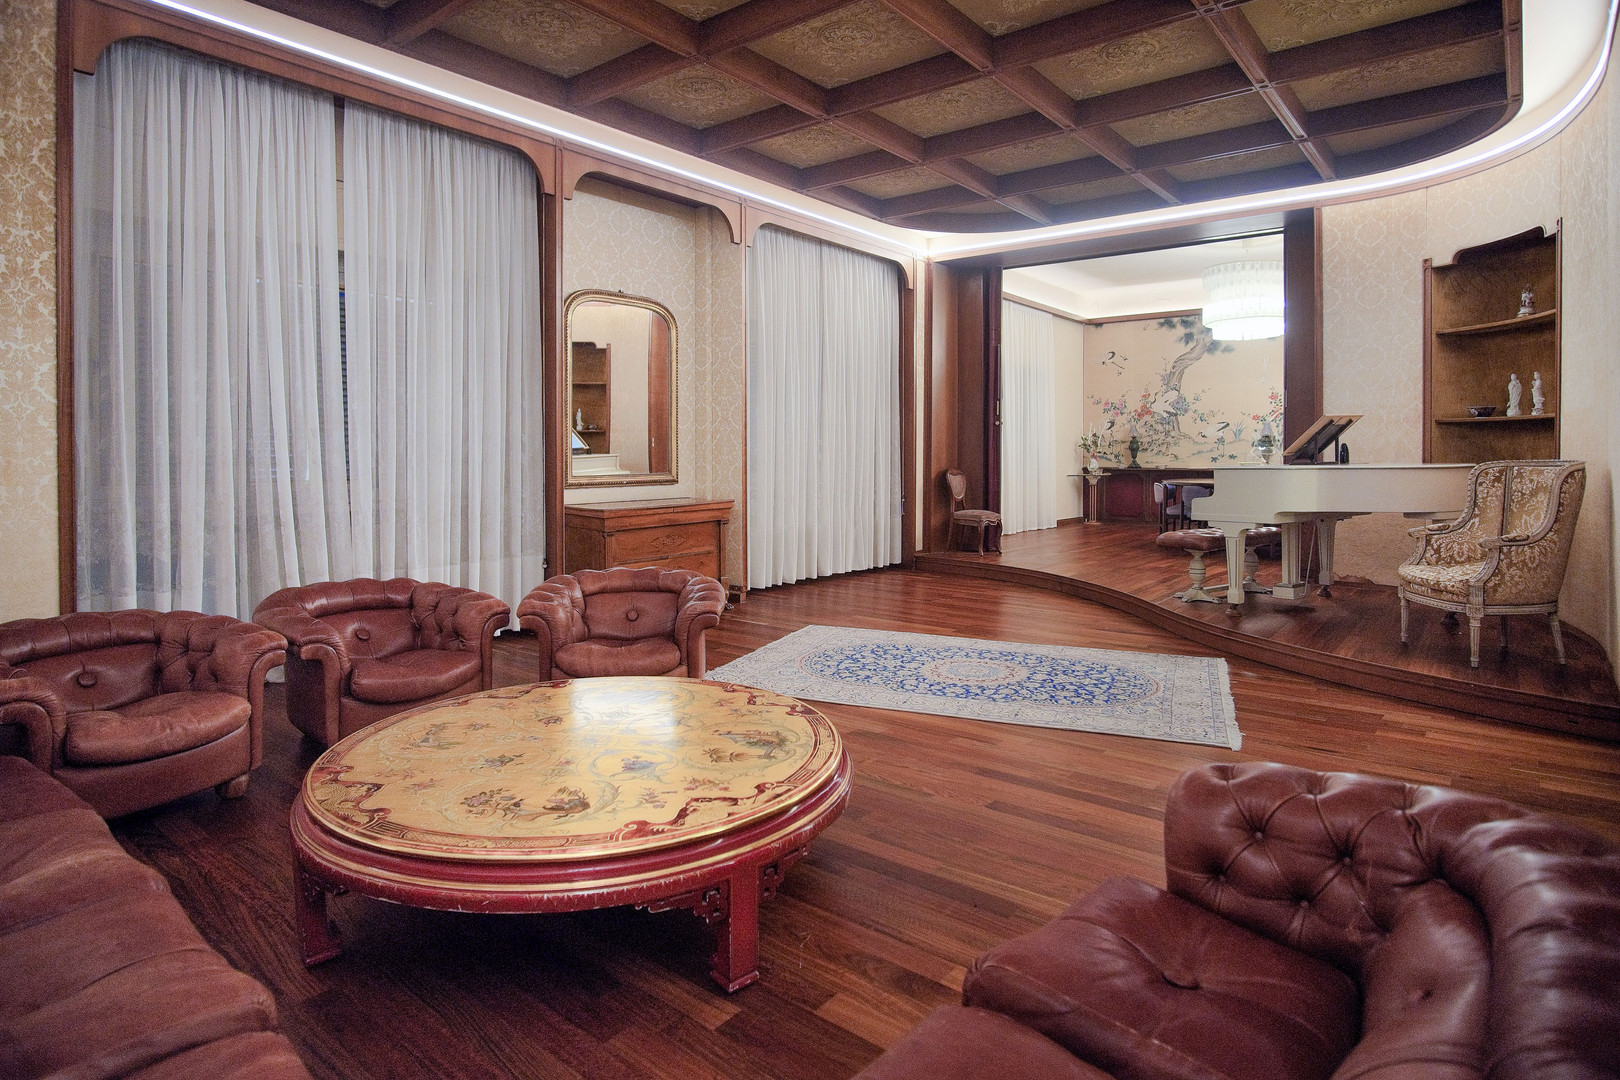 Villa Wanda Trani Salone1.jpg